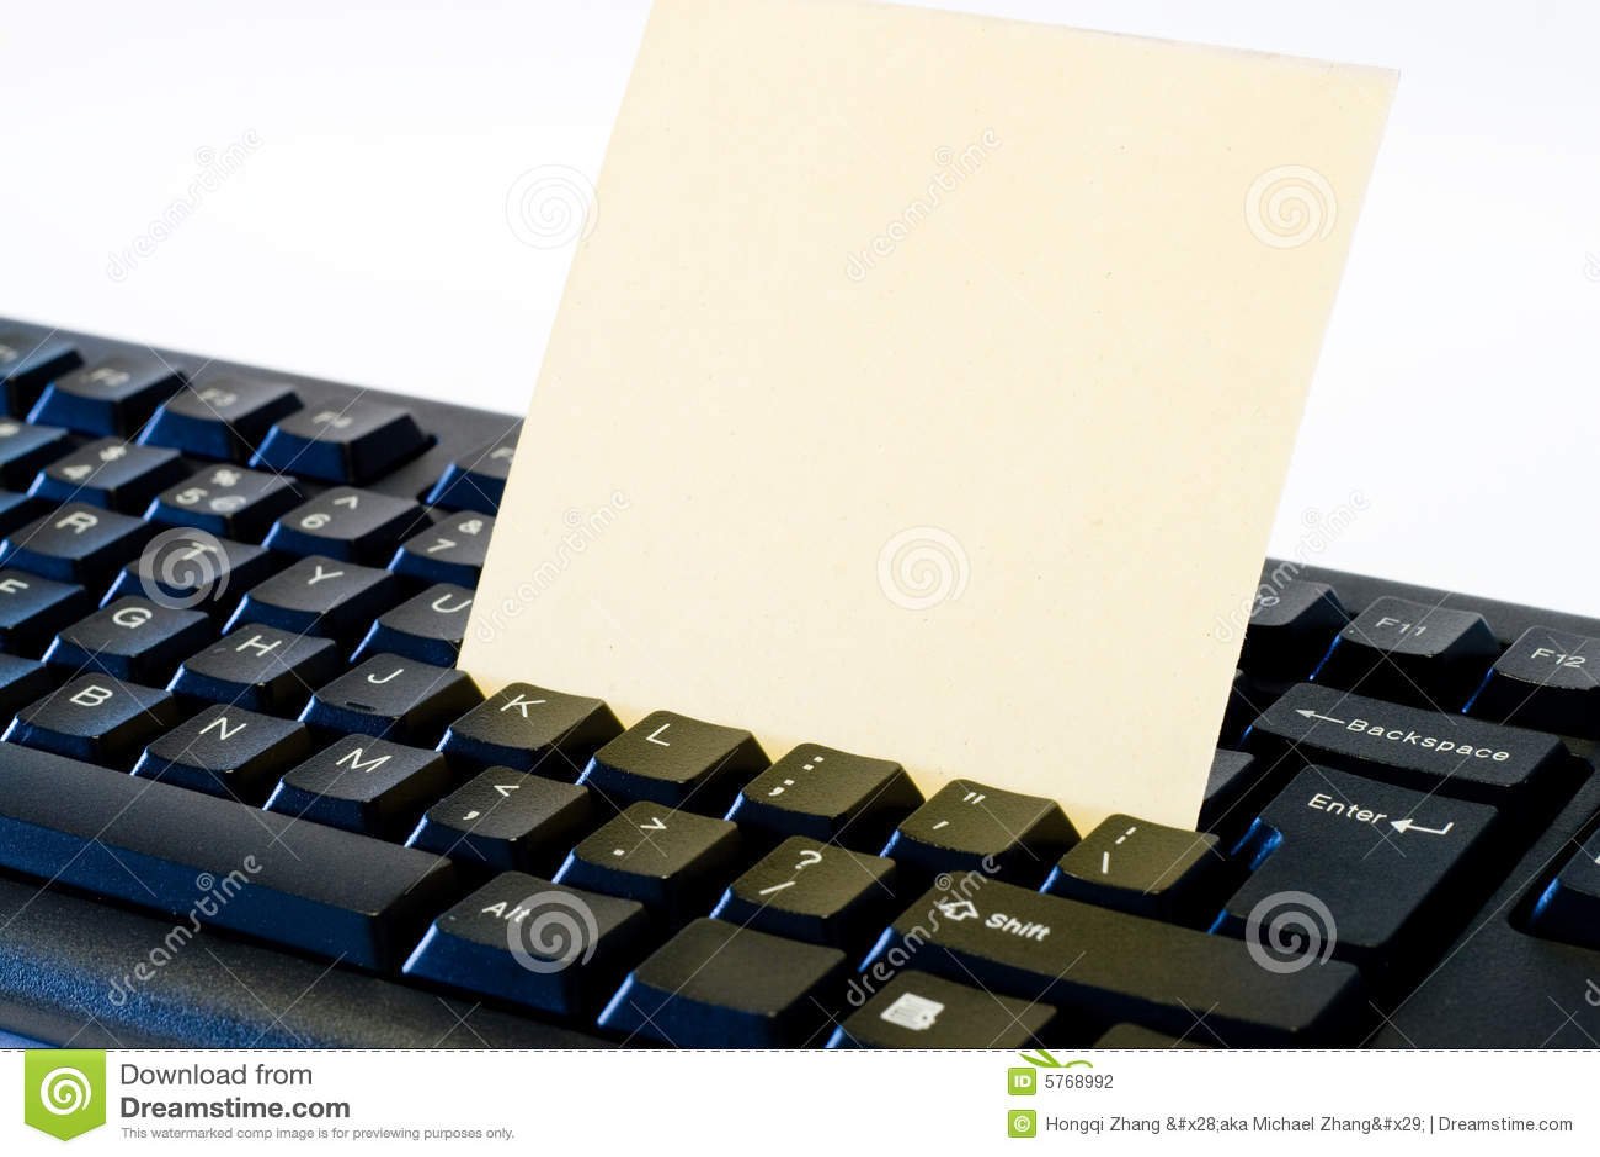 Anmerkung über Tastatur